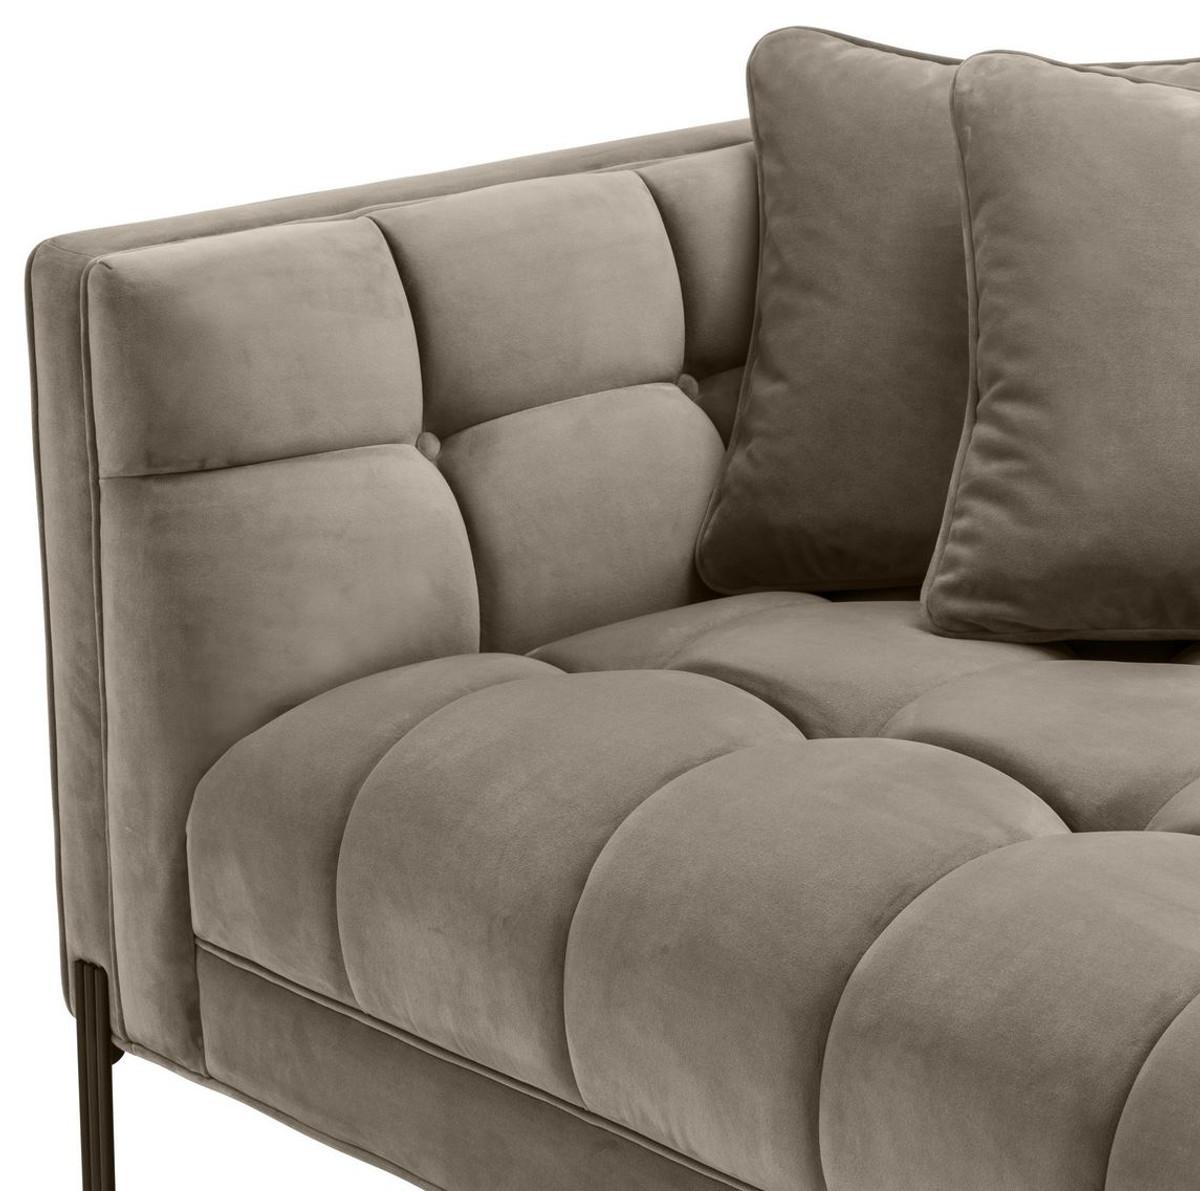 H Et H Canapé casa padrino canapé lounge de luxe greige / noir 223 x 95 x h. 68 cm -  canapé de salon côté gauche avec velours fin et 2 oreillers